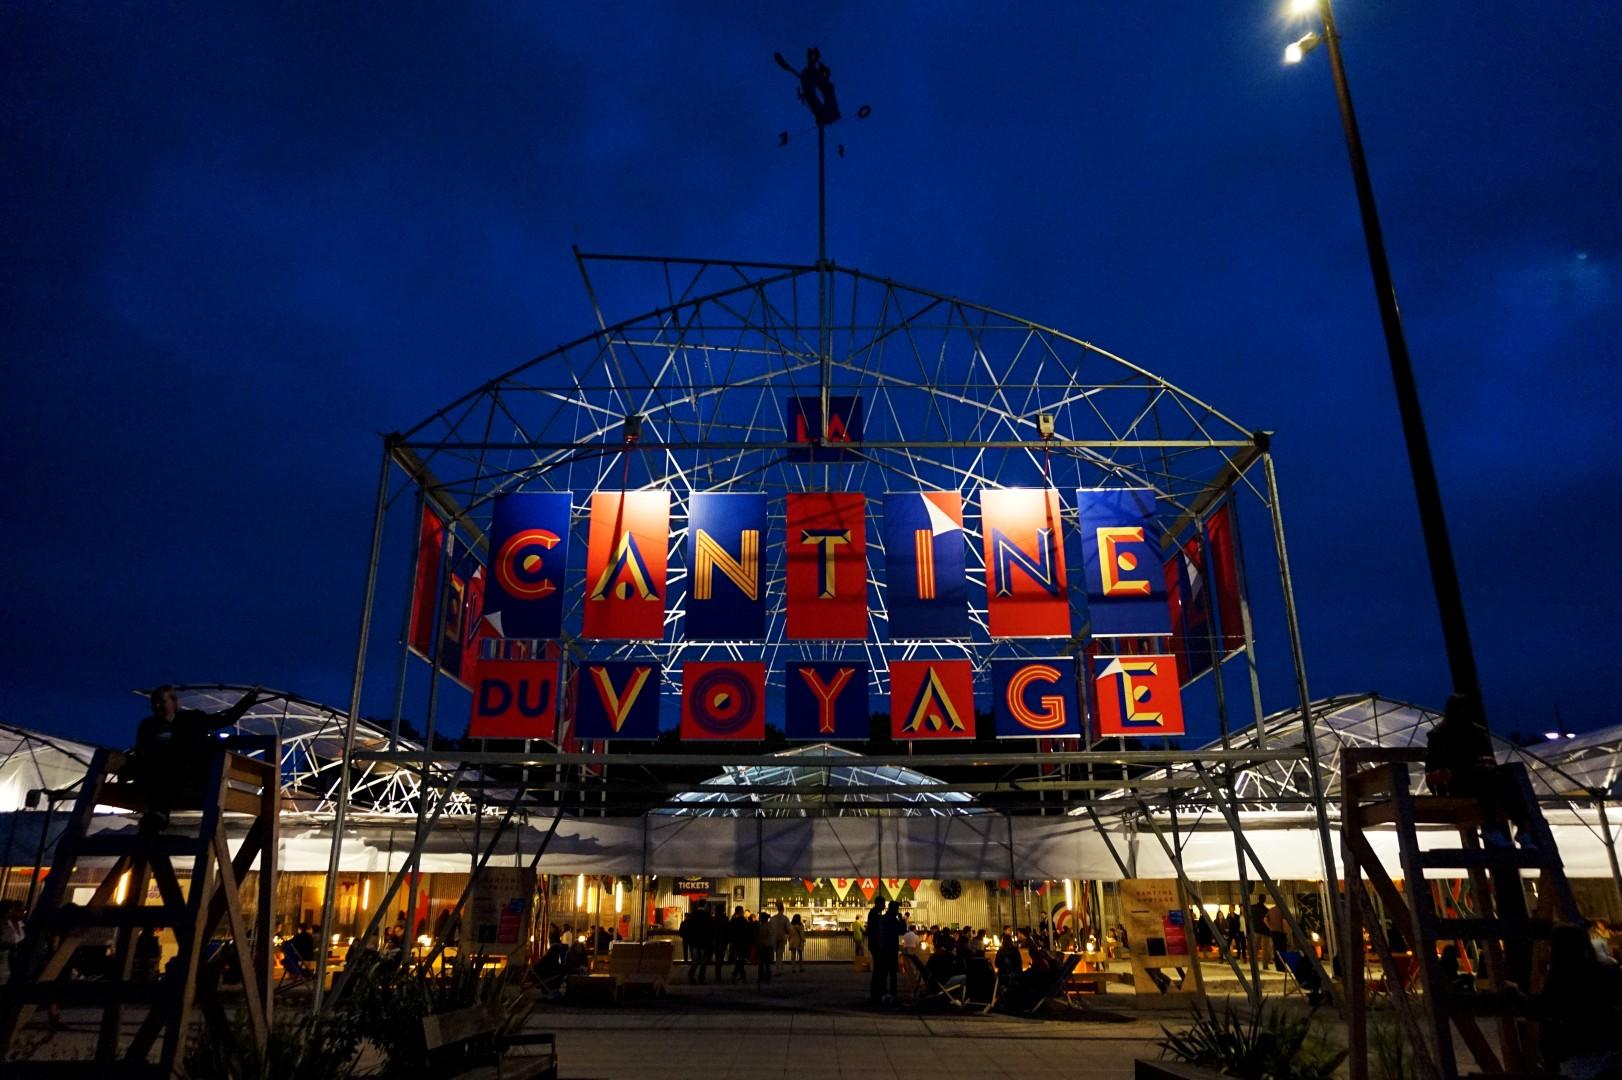 Un weekend à Nantes - Ile de Nantes - Parc des Chantiers - La cantine du voyage